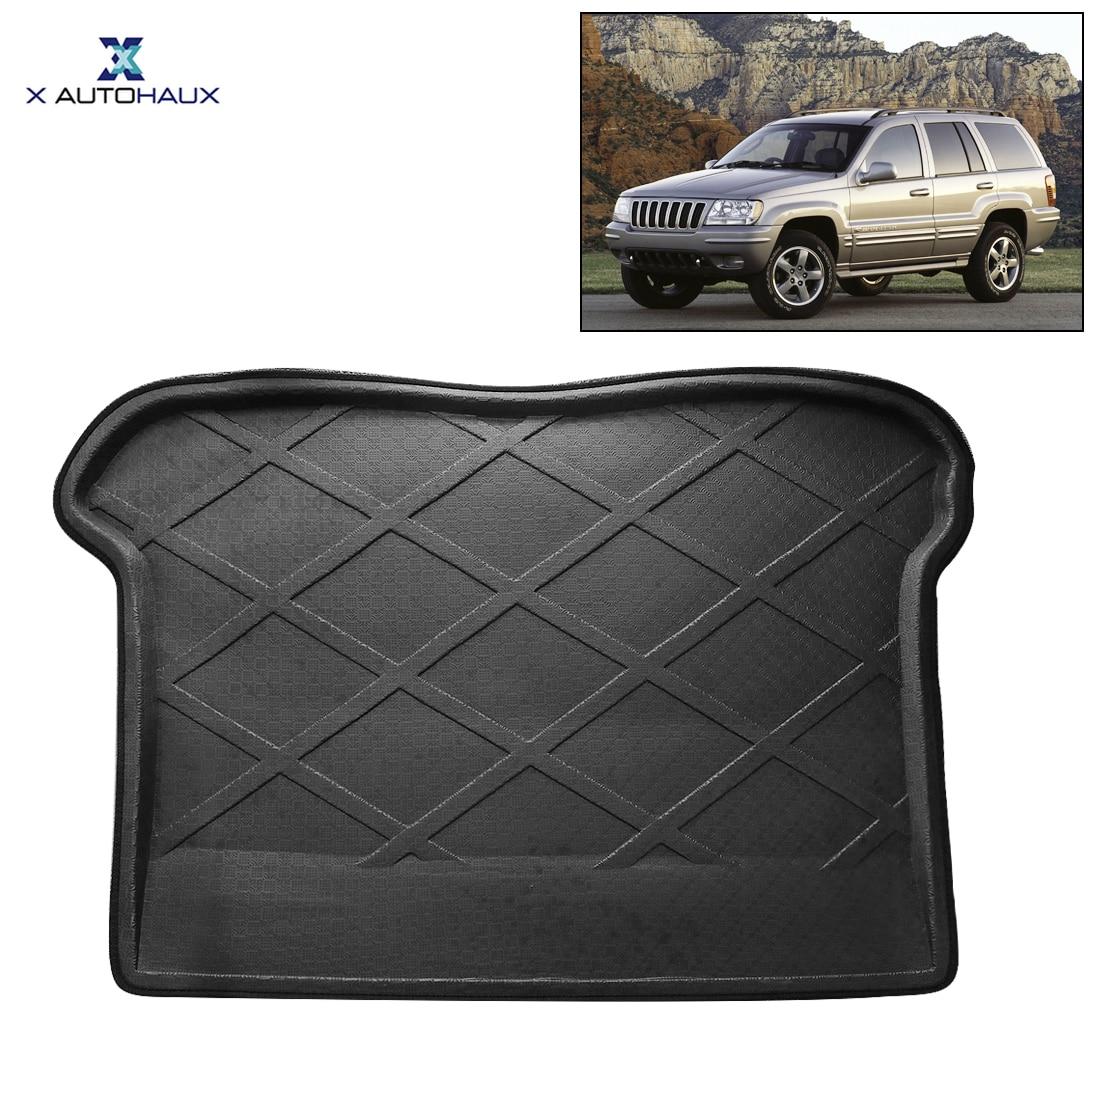 X Autohaux PE + EVA пенопластовый черный резиновый задний багажник автомобиля Грузовой поднос крышка пол ковер коврик для Jeep Grand Cherokee 2008 2010